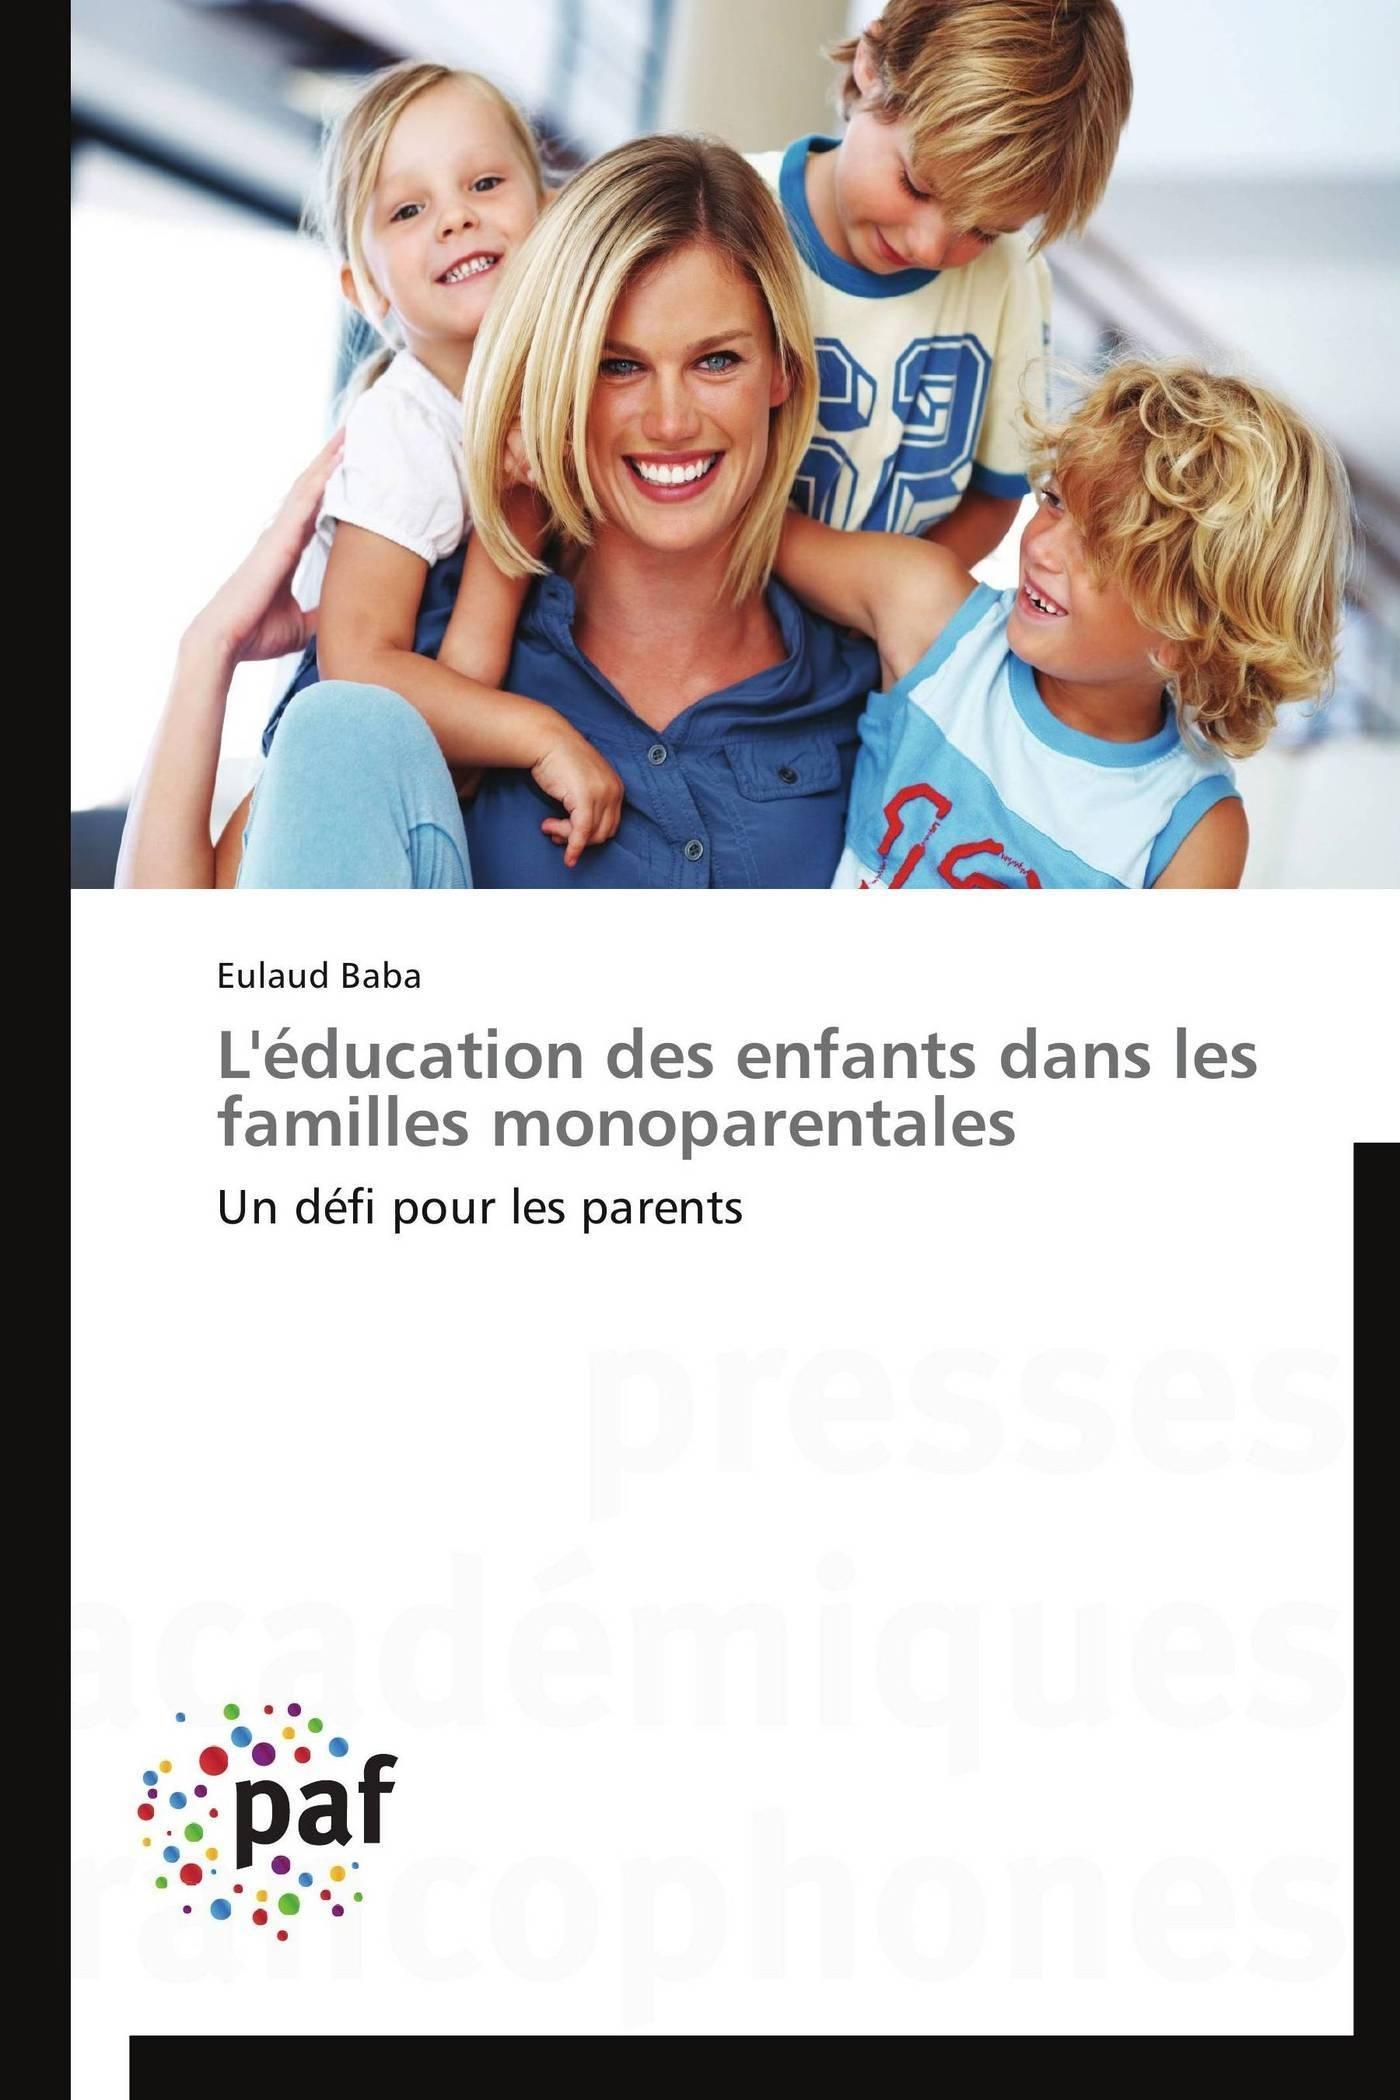 L'EDUCATION DES ENFANTS DANS LES FAMILLES MONOPARENTALES